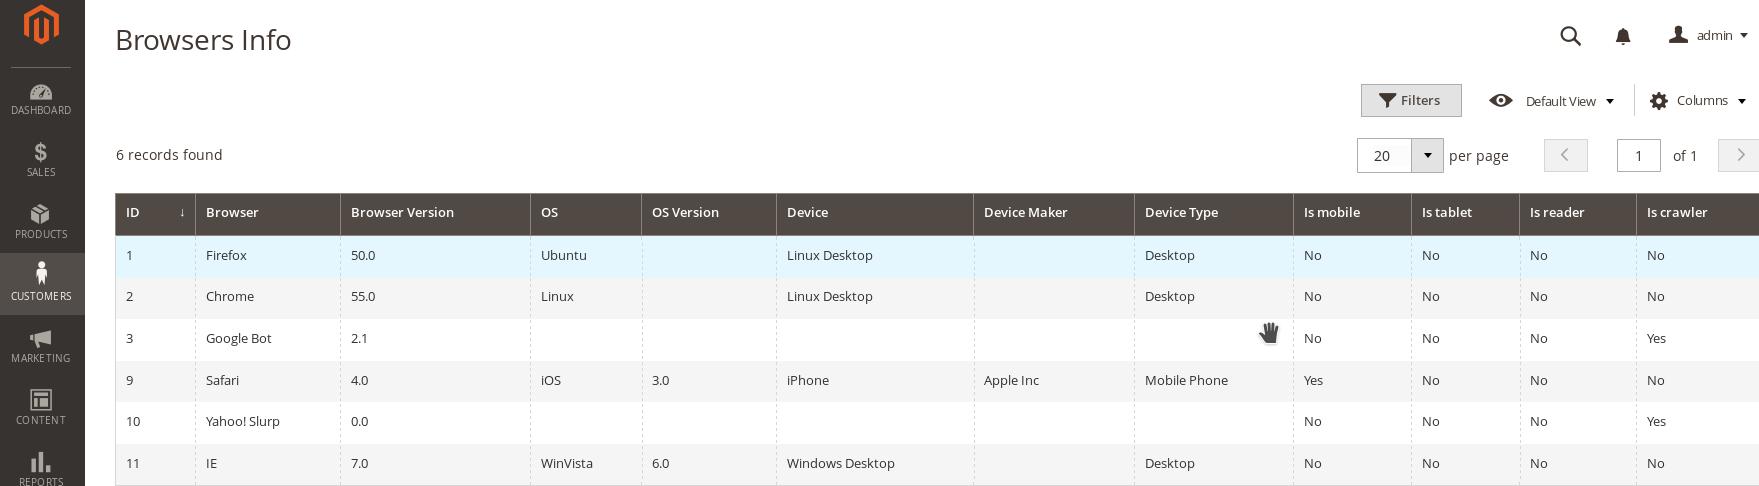 Magento2 Browser Info